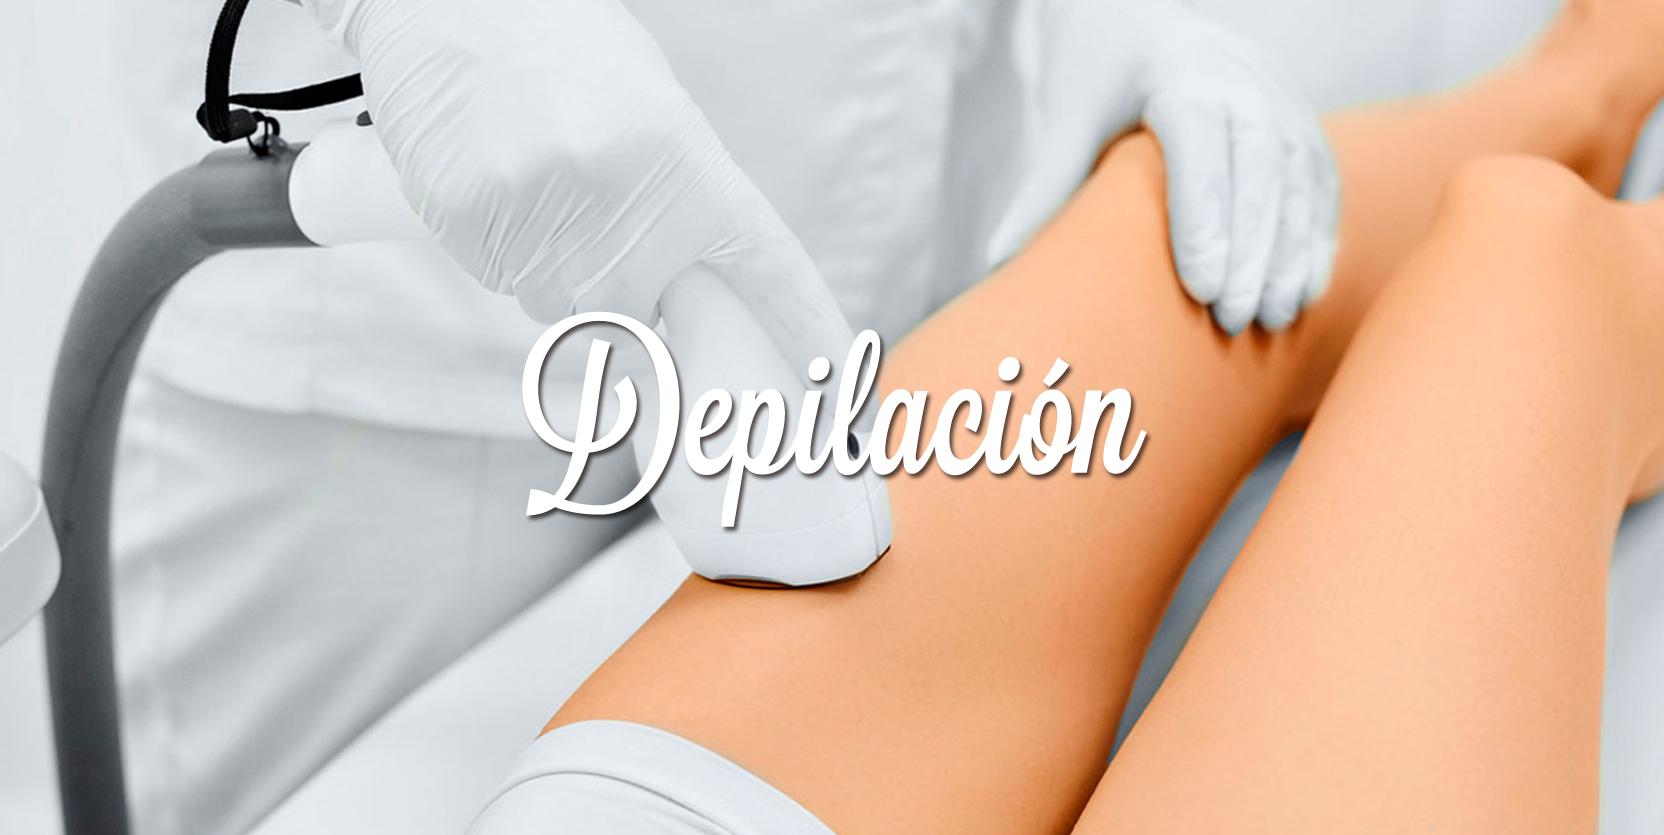 depilacion